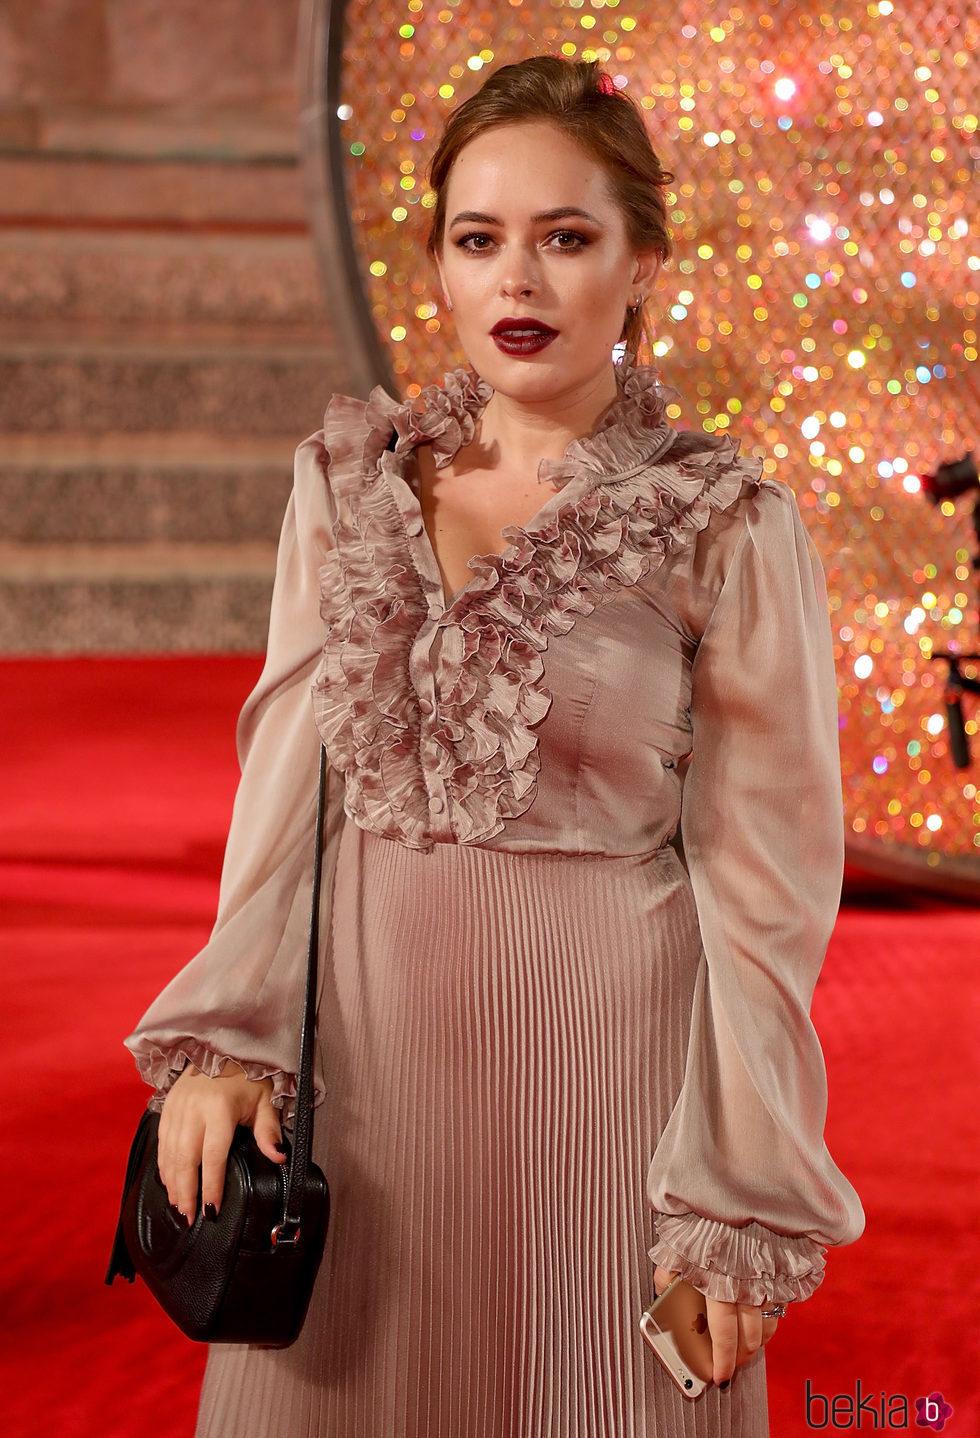 Tanya Burr con un makeup en tonos caoba